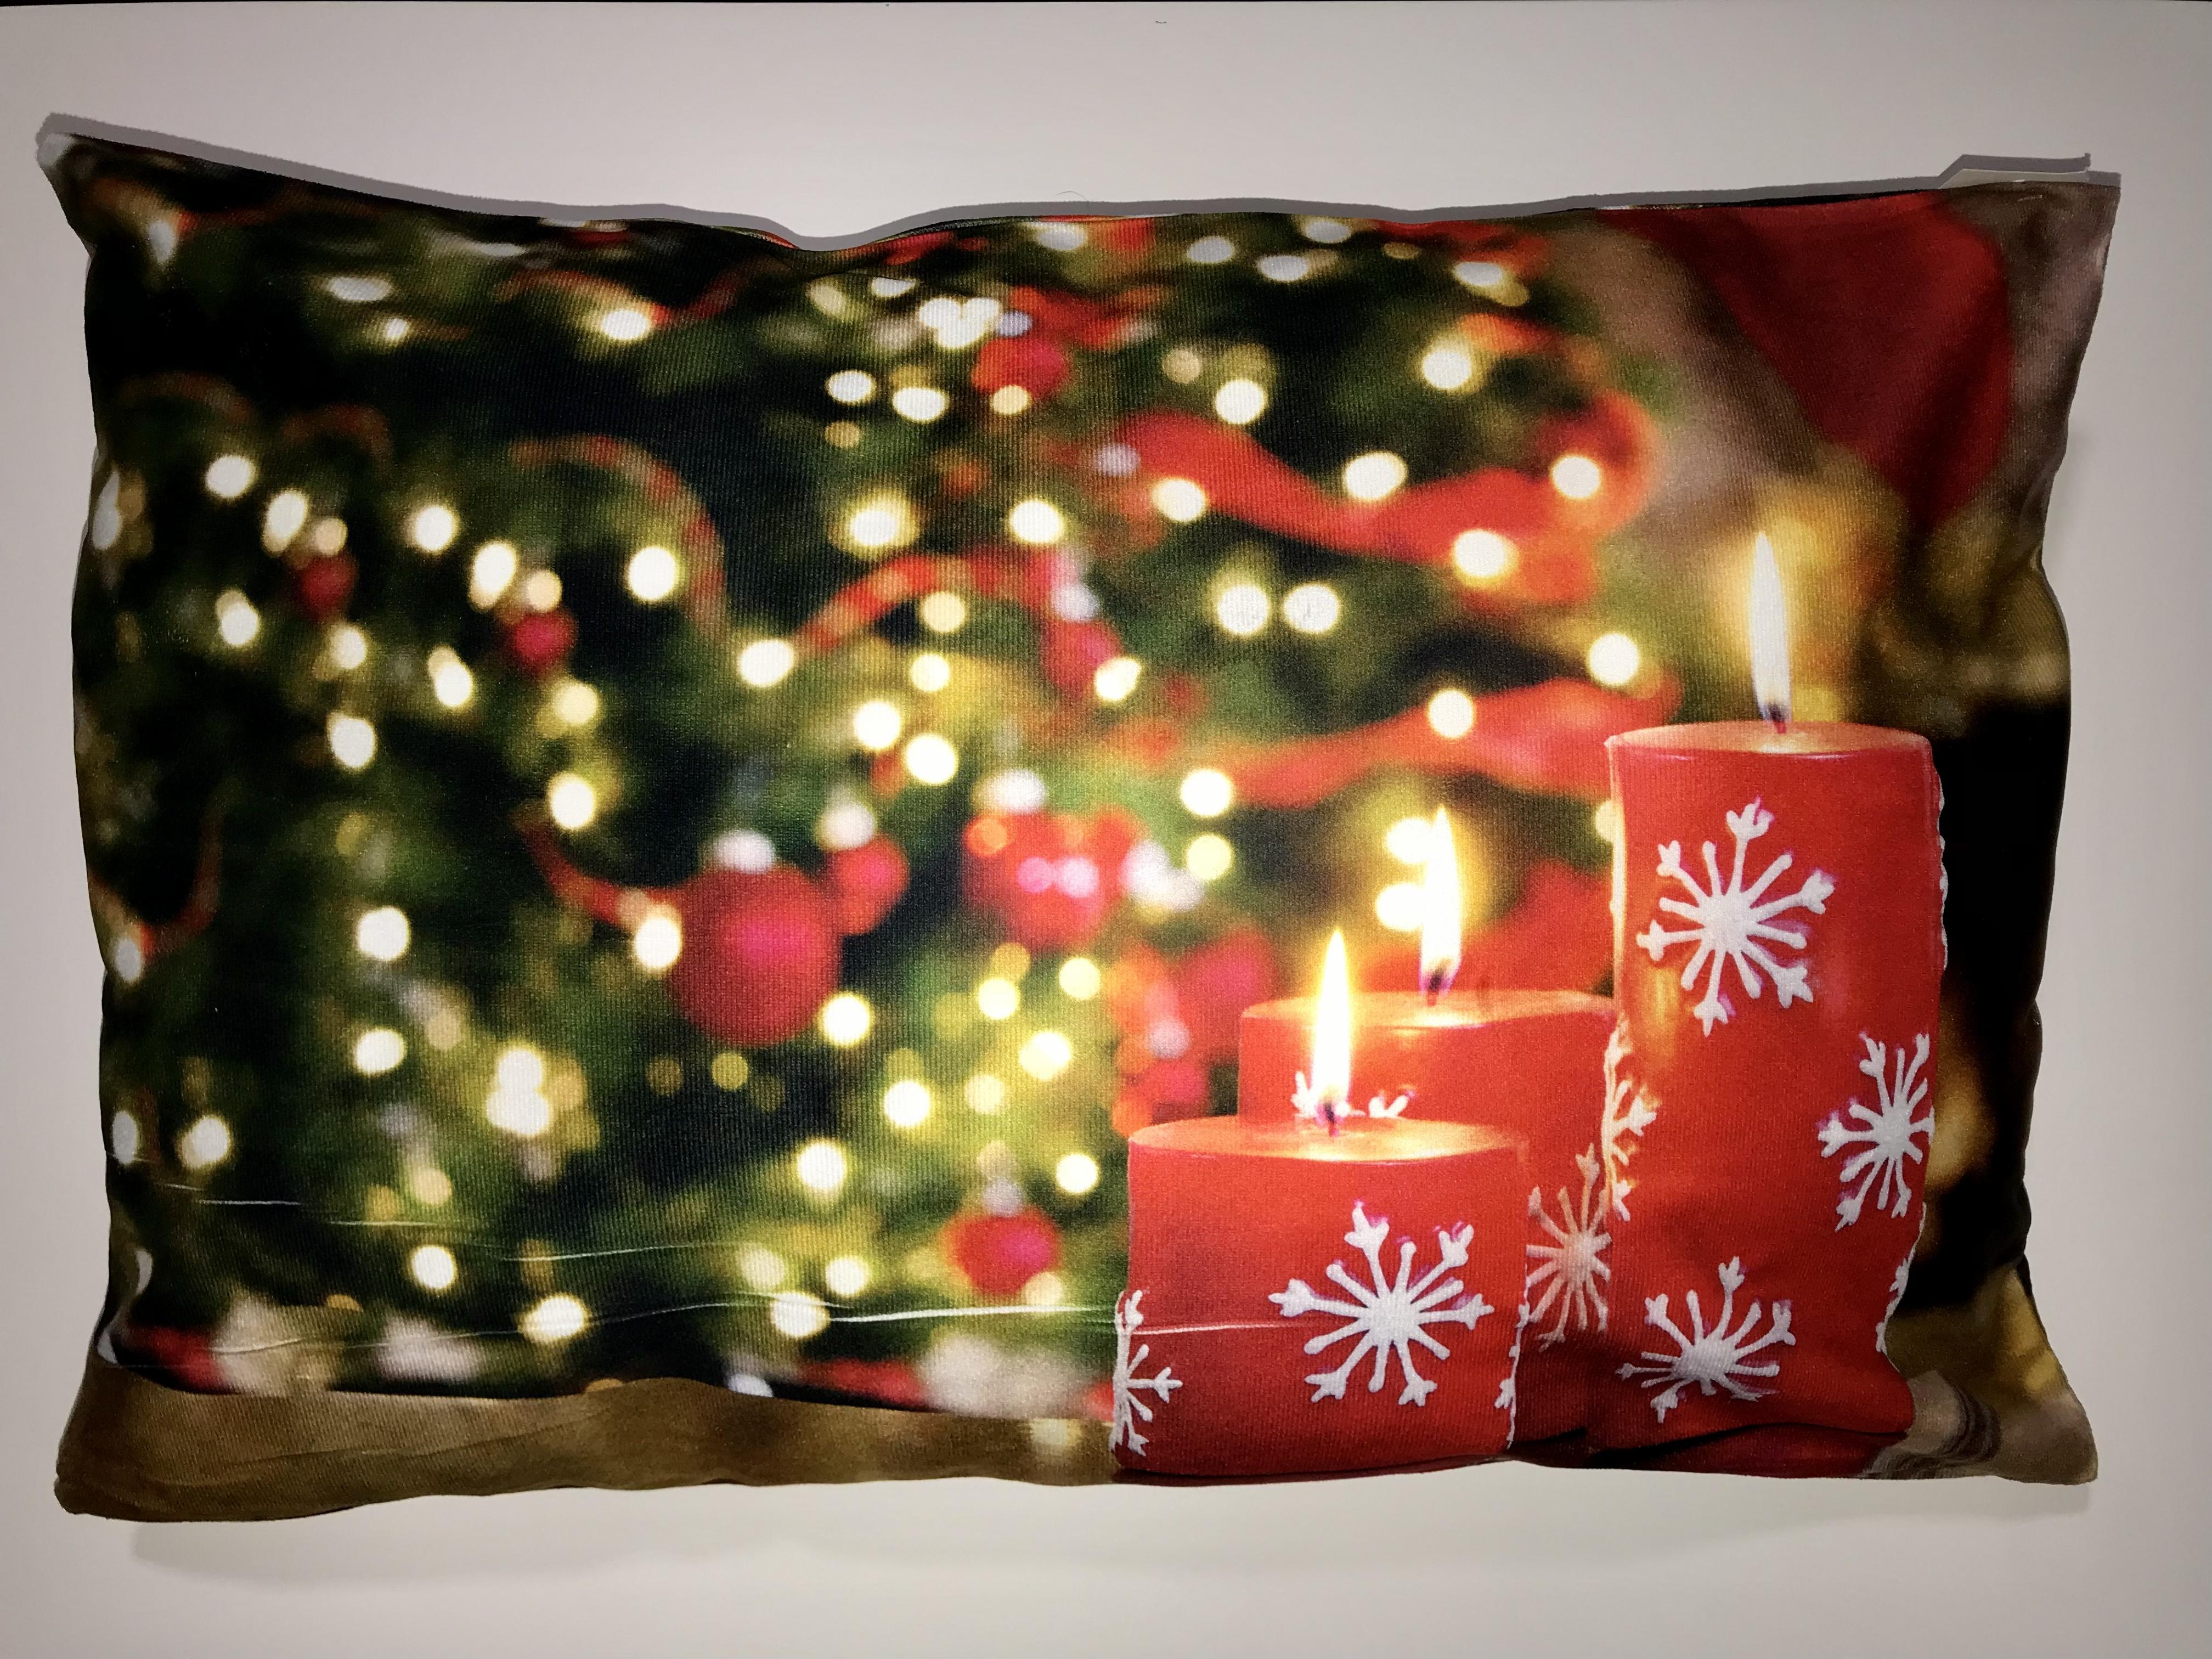 Mikroplyšový  polštářek  40x60 cm - VÁNOCE - CHRISTMAS č.14